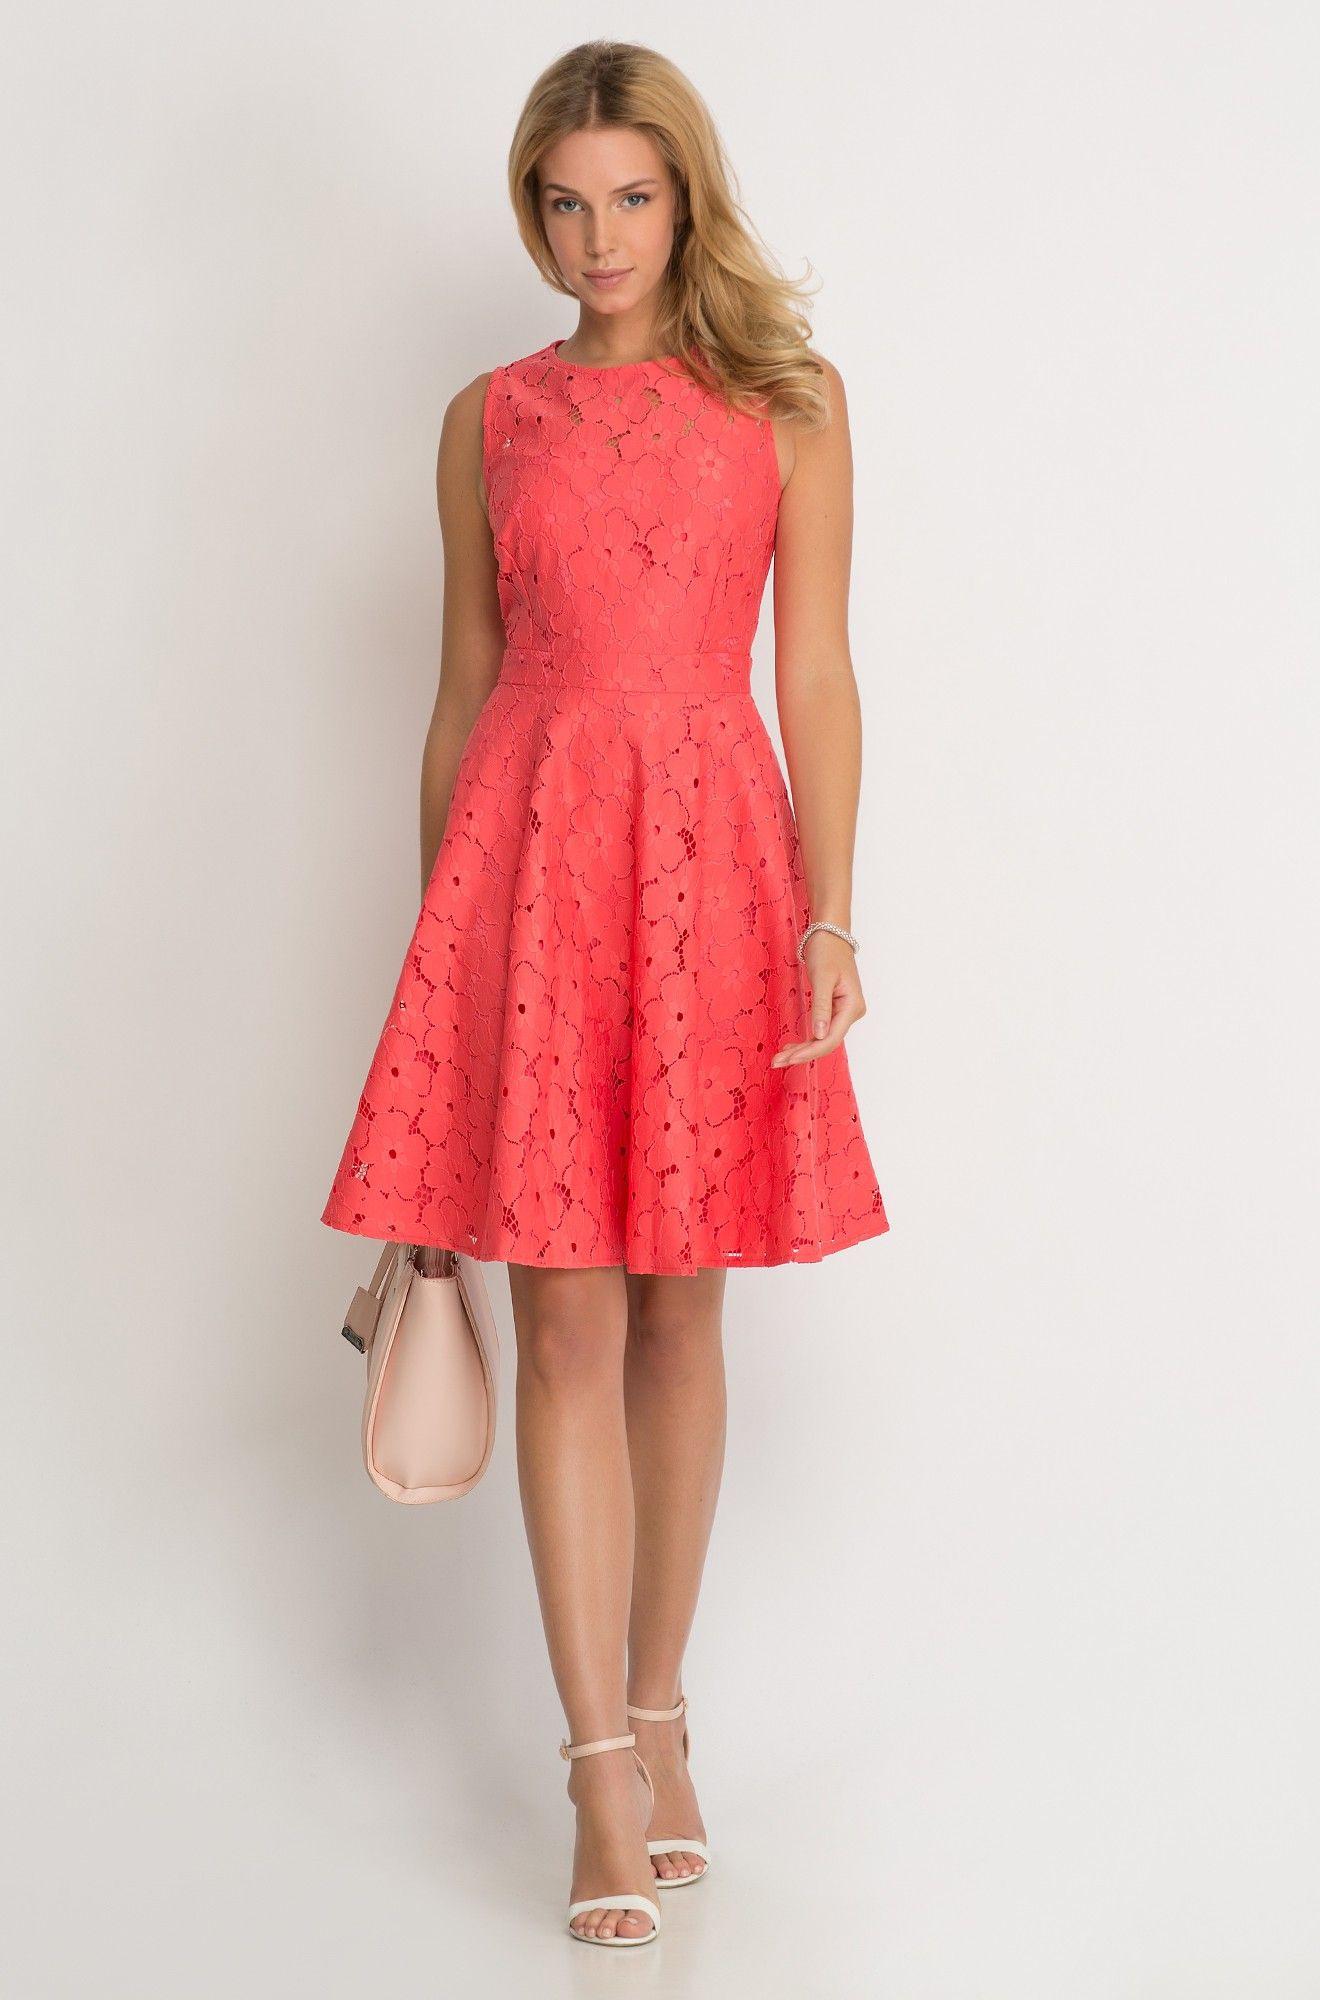 Kleid Für Hochzeit Orsay - Abendkleid